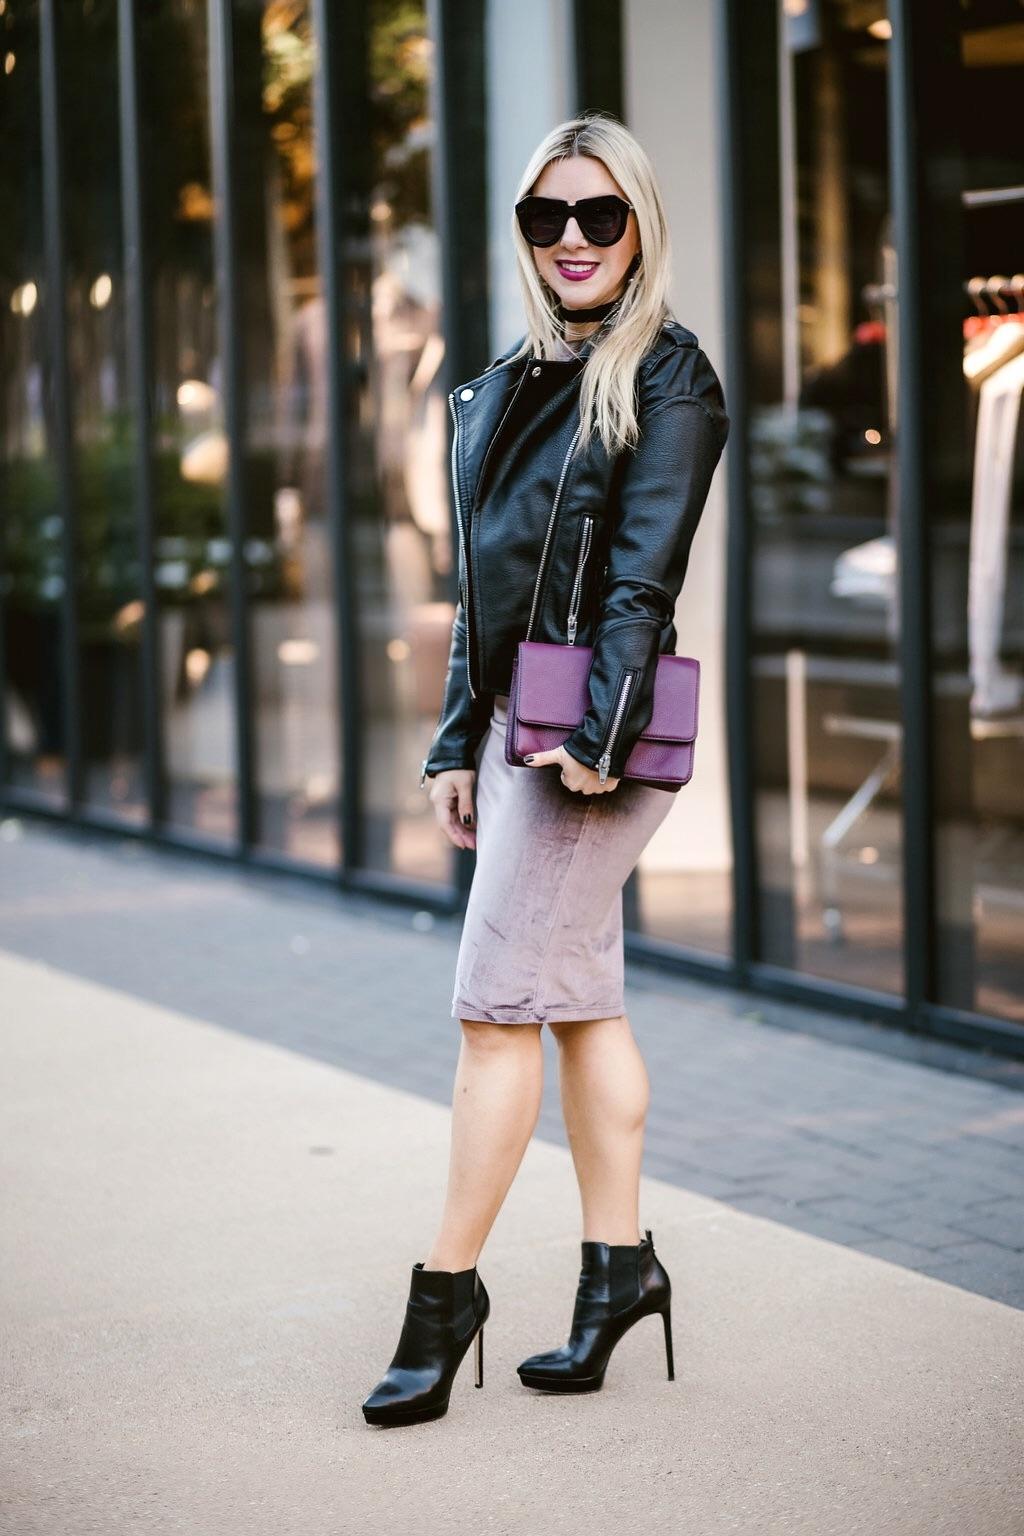 Winter Fashion   Dallas  